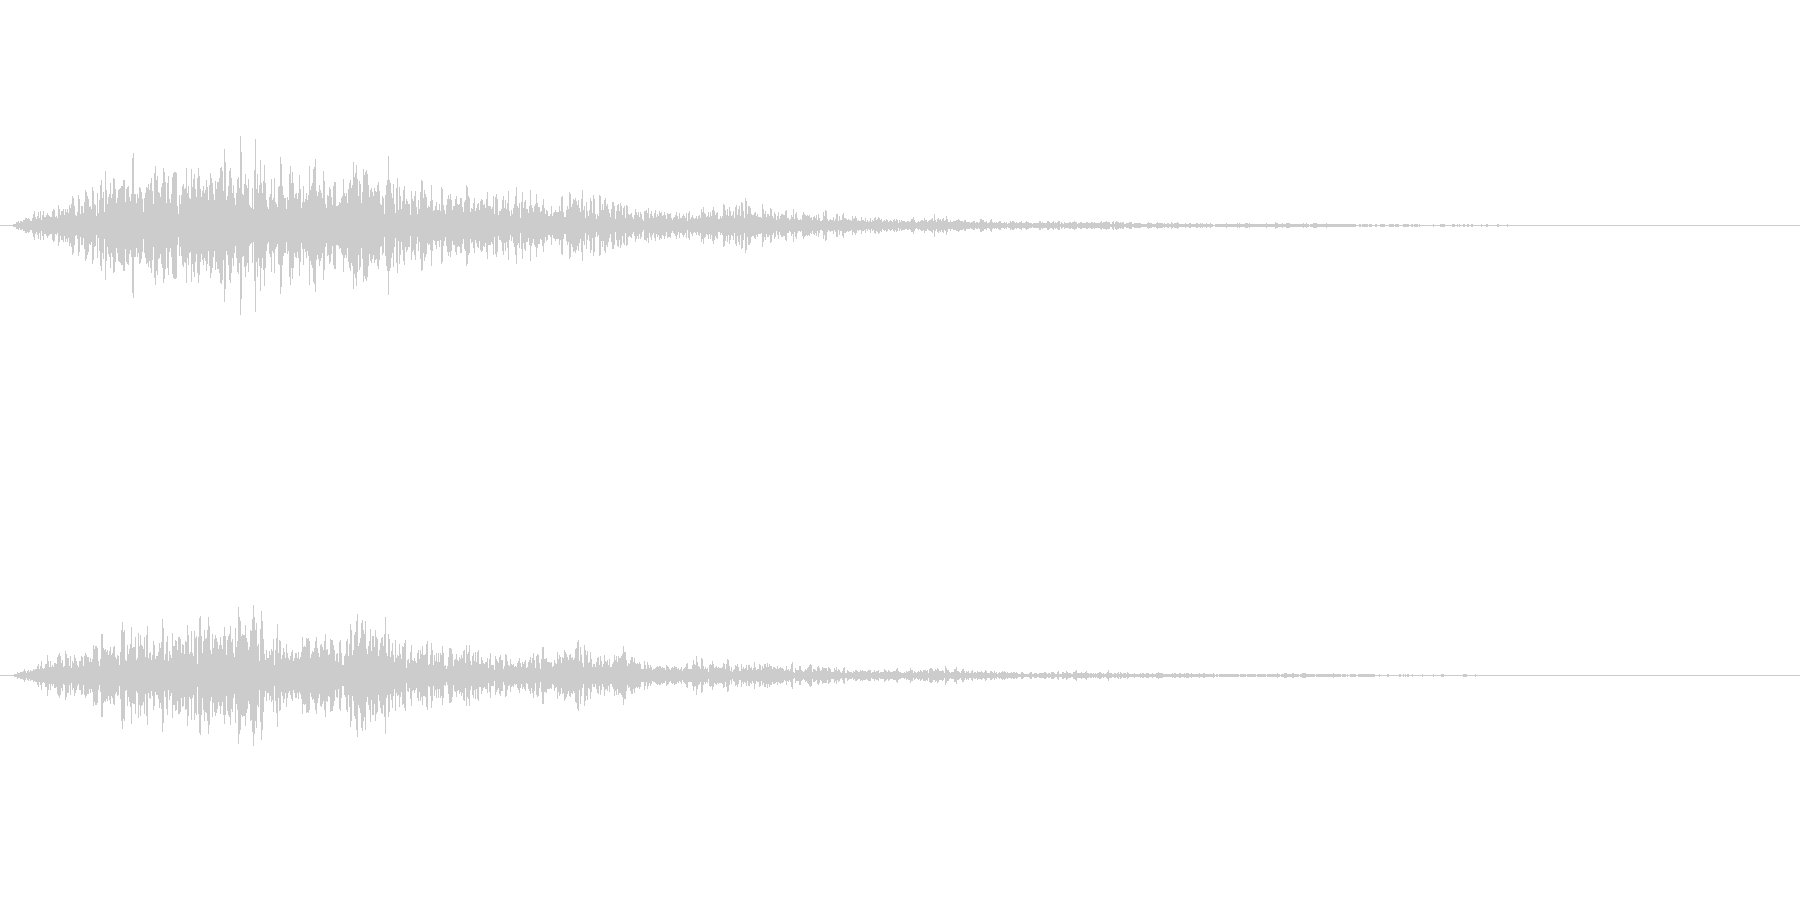 宇宙船や機械的な音ですの未再生の波形